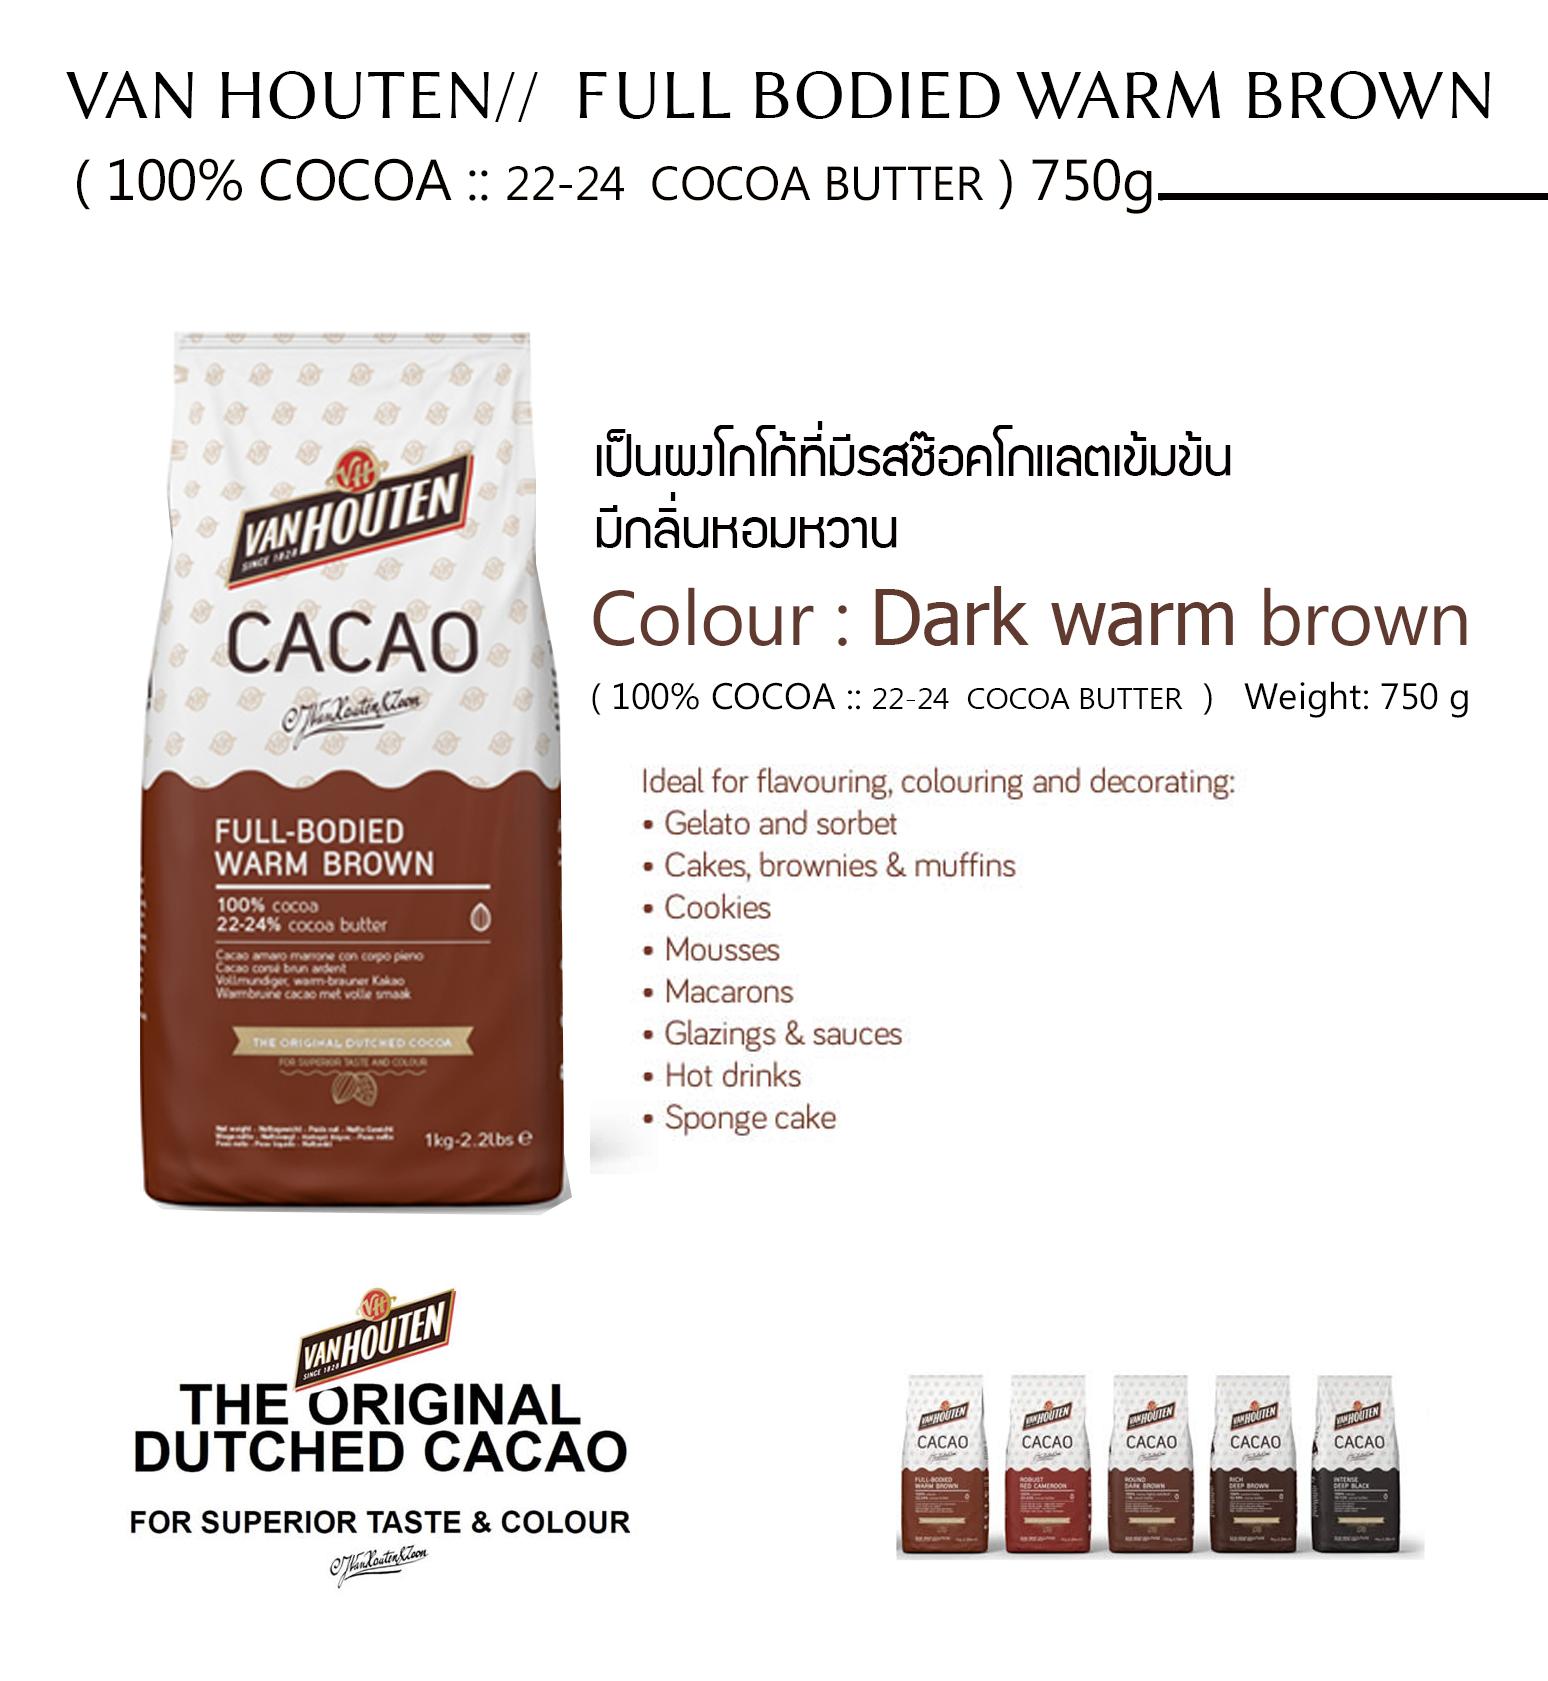 VAN HOUTEN// FULL BODIED WARM BROWN (100% COCOA 750g.)